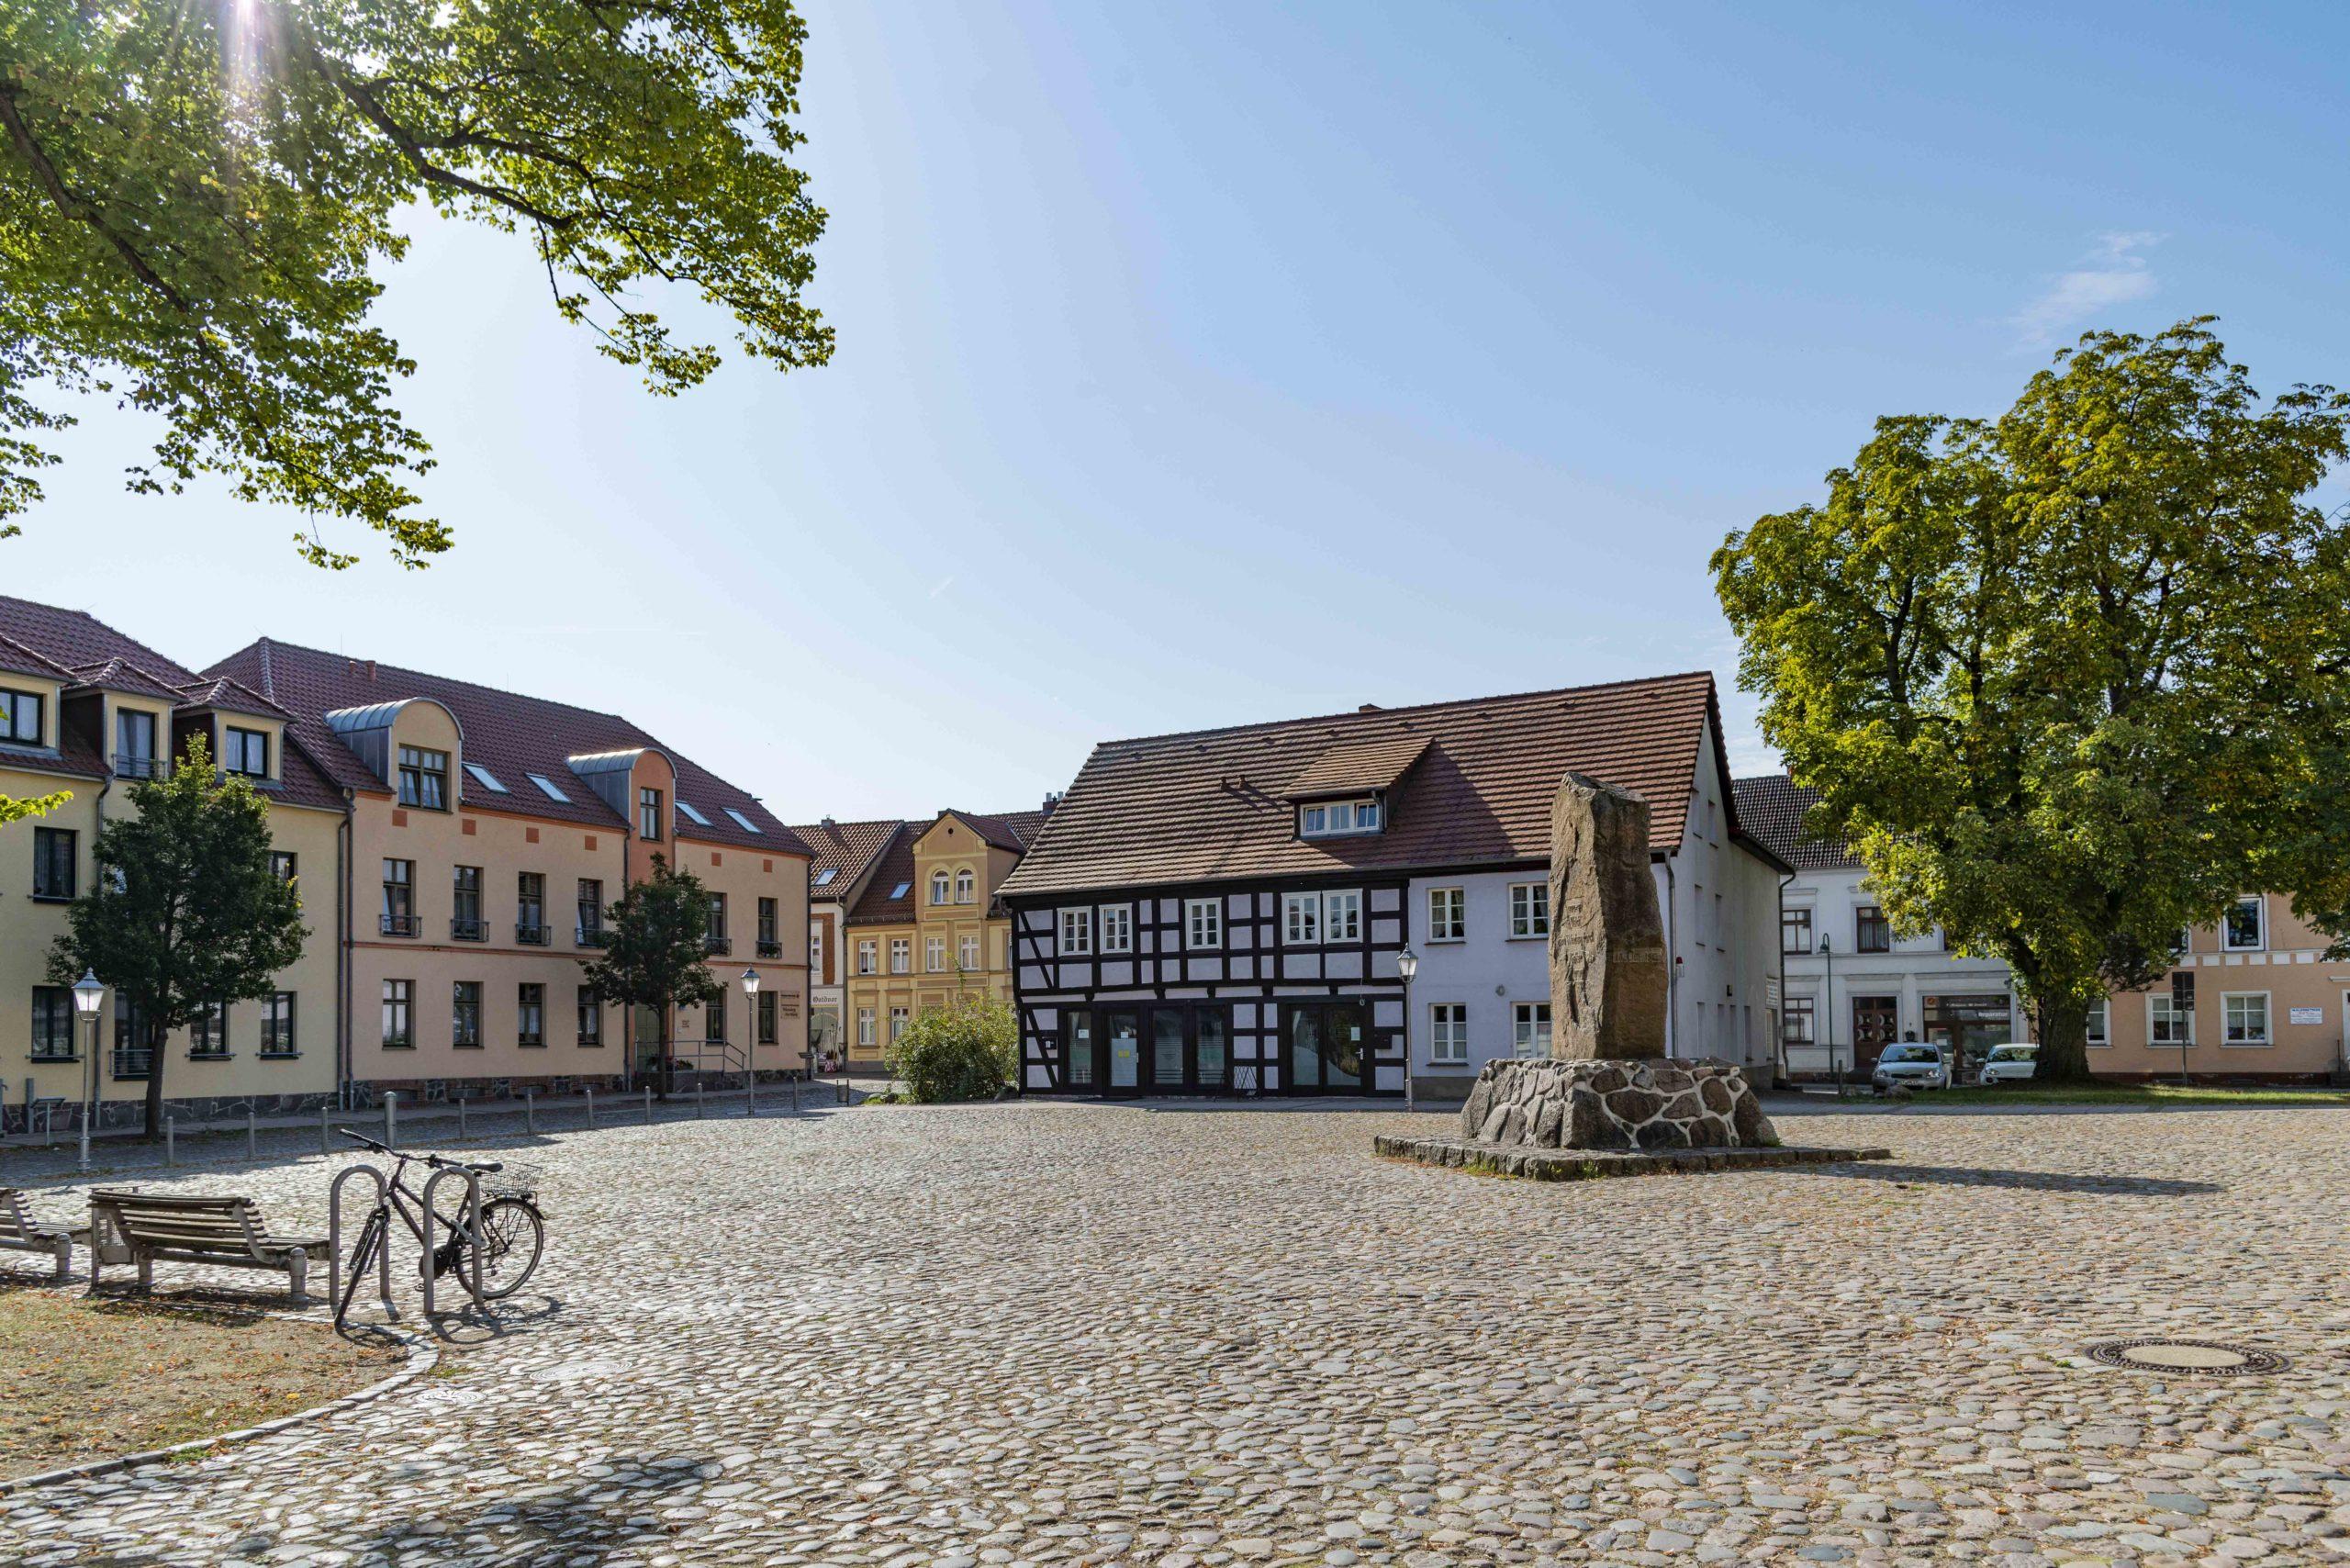 Ruhe auf dem Marktplatz von Wesenberg Woblitzsee